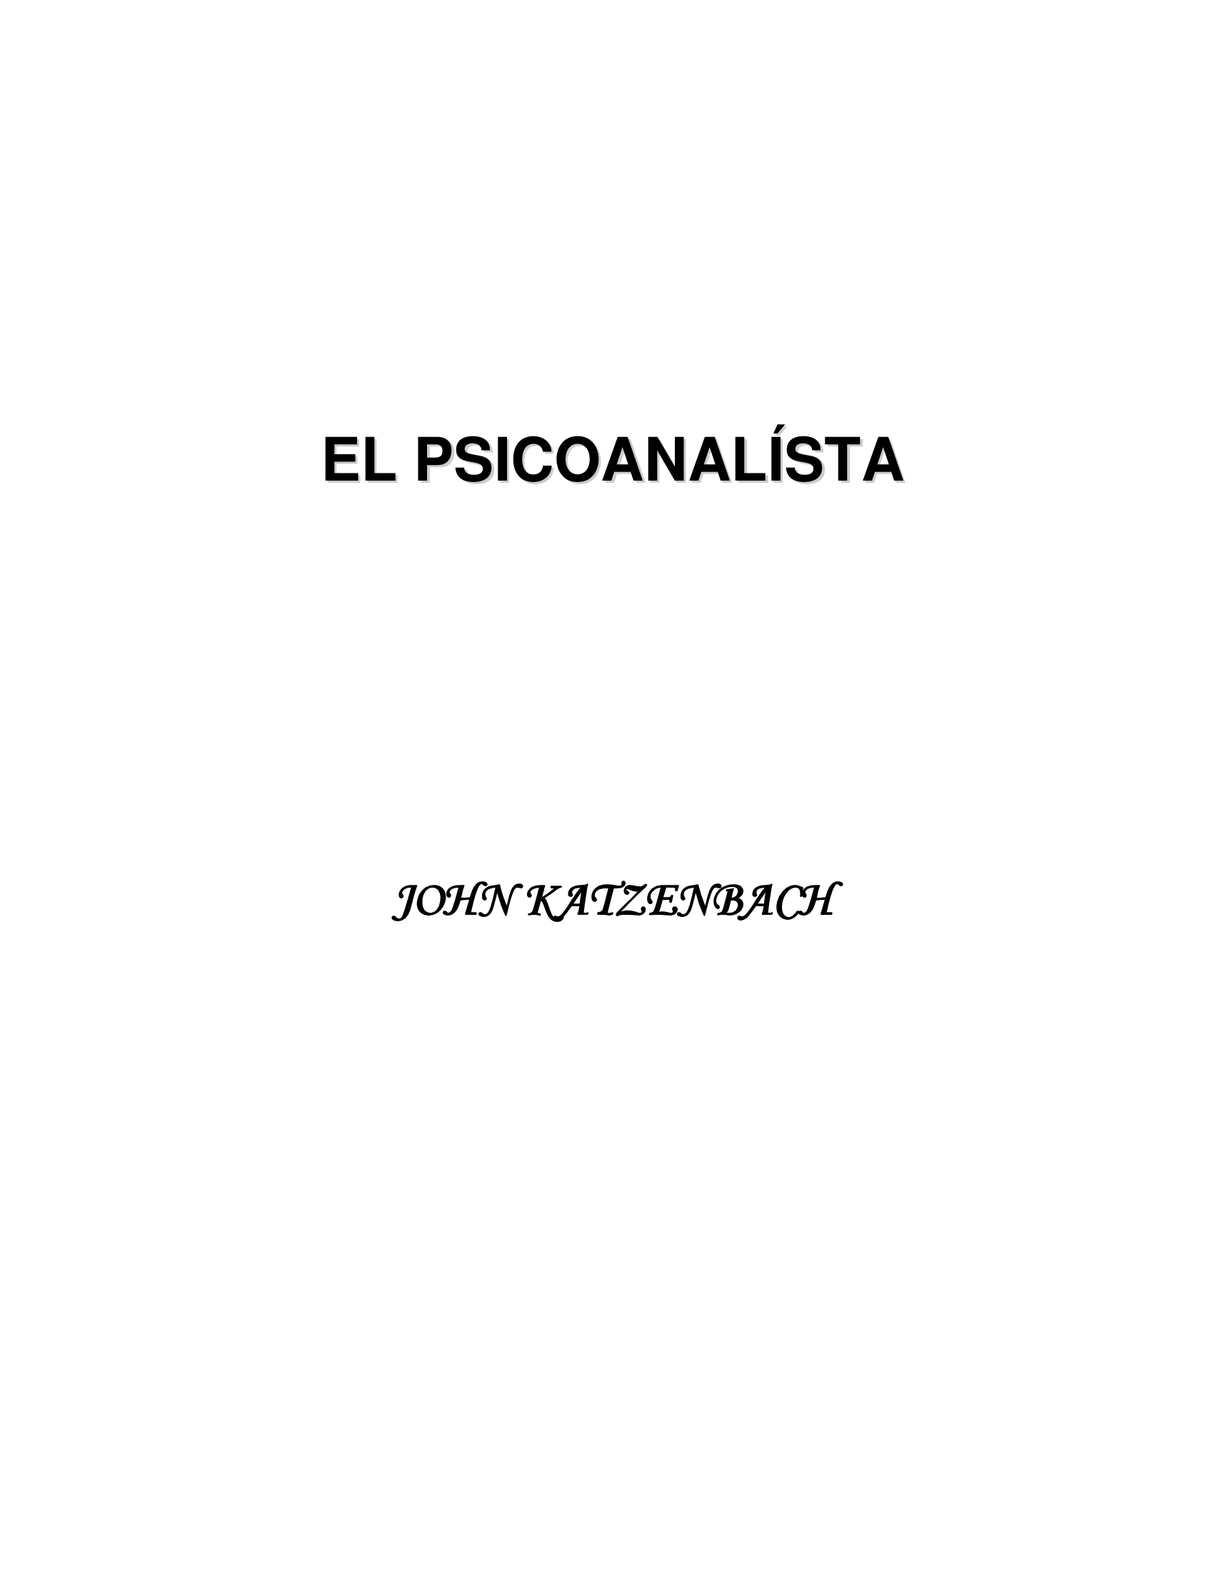 cd1b25de0 Calaméo - Psicoanalista de John Katsenbach